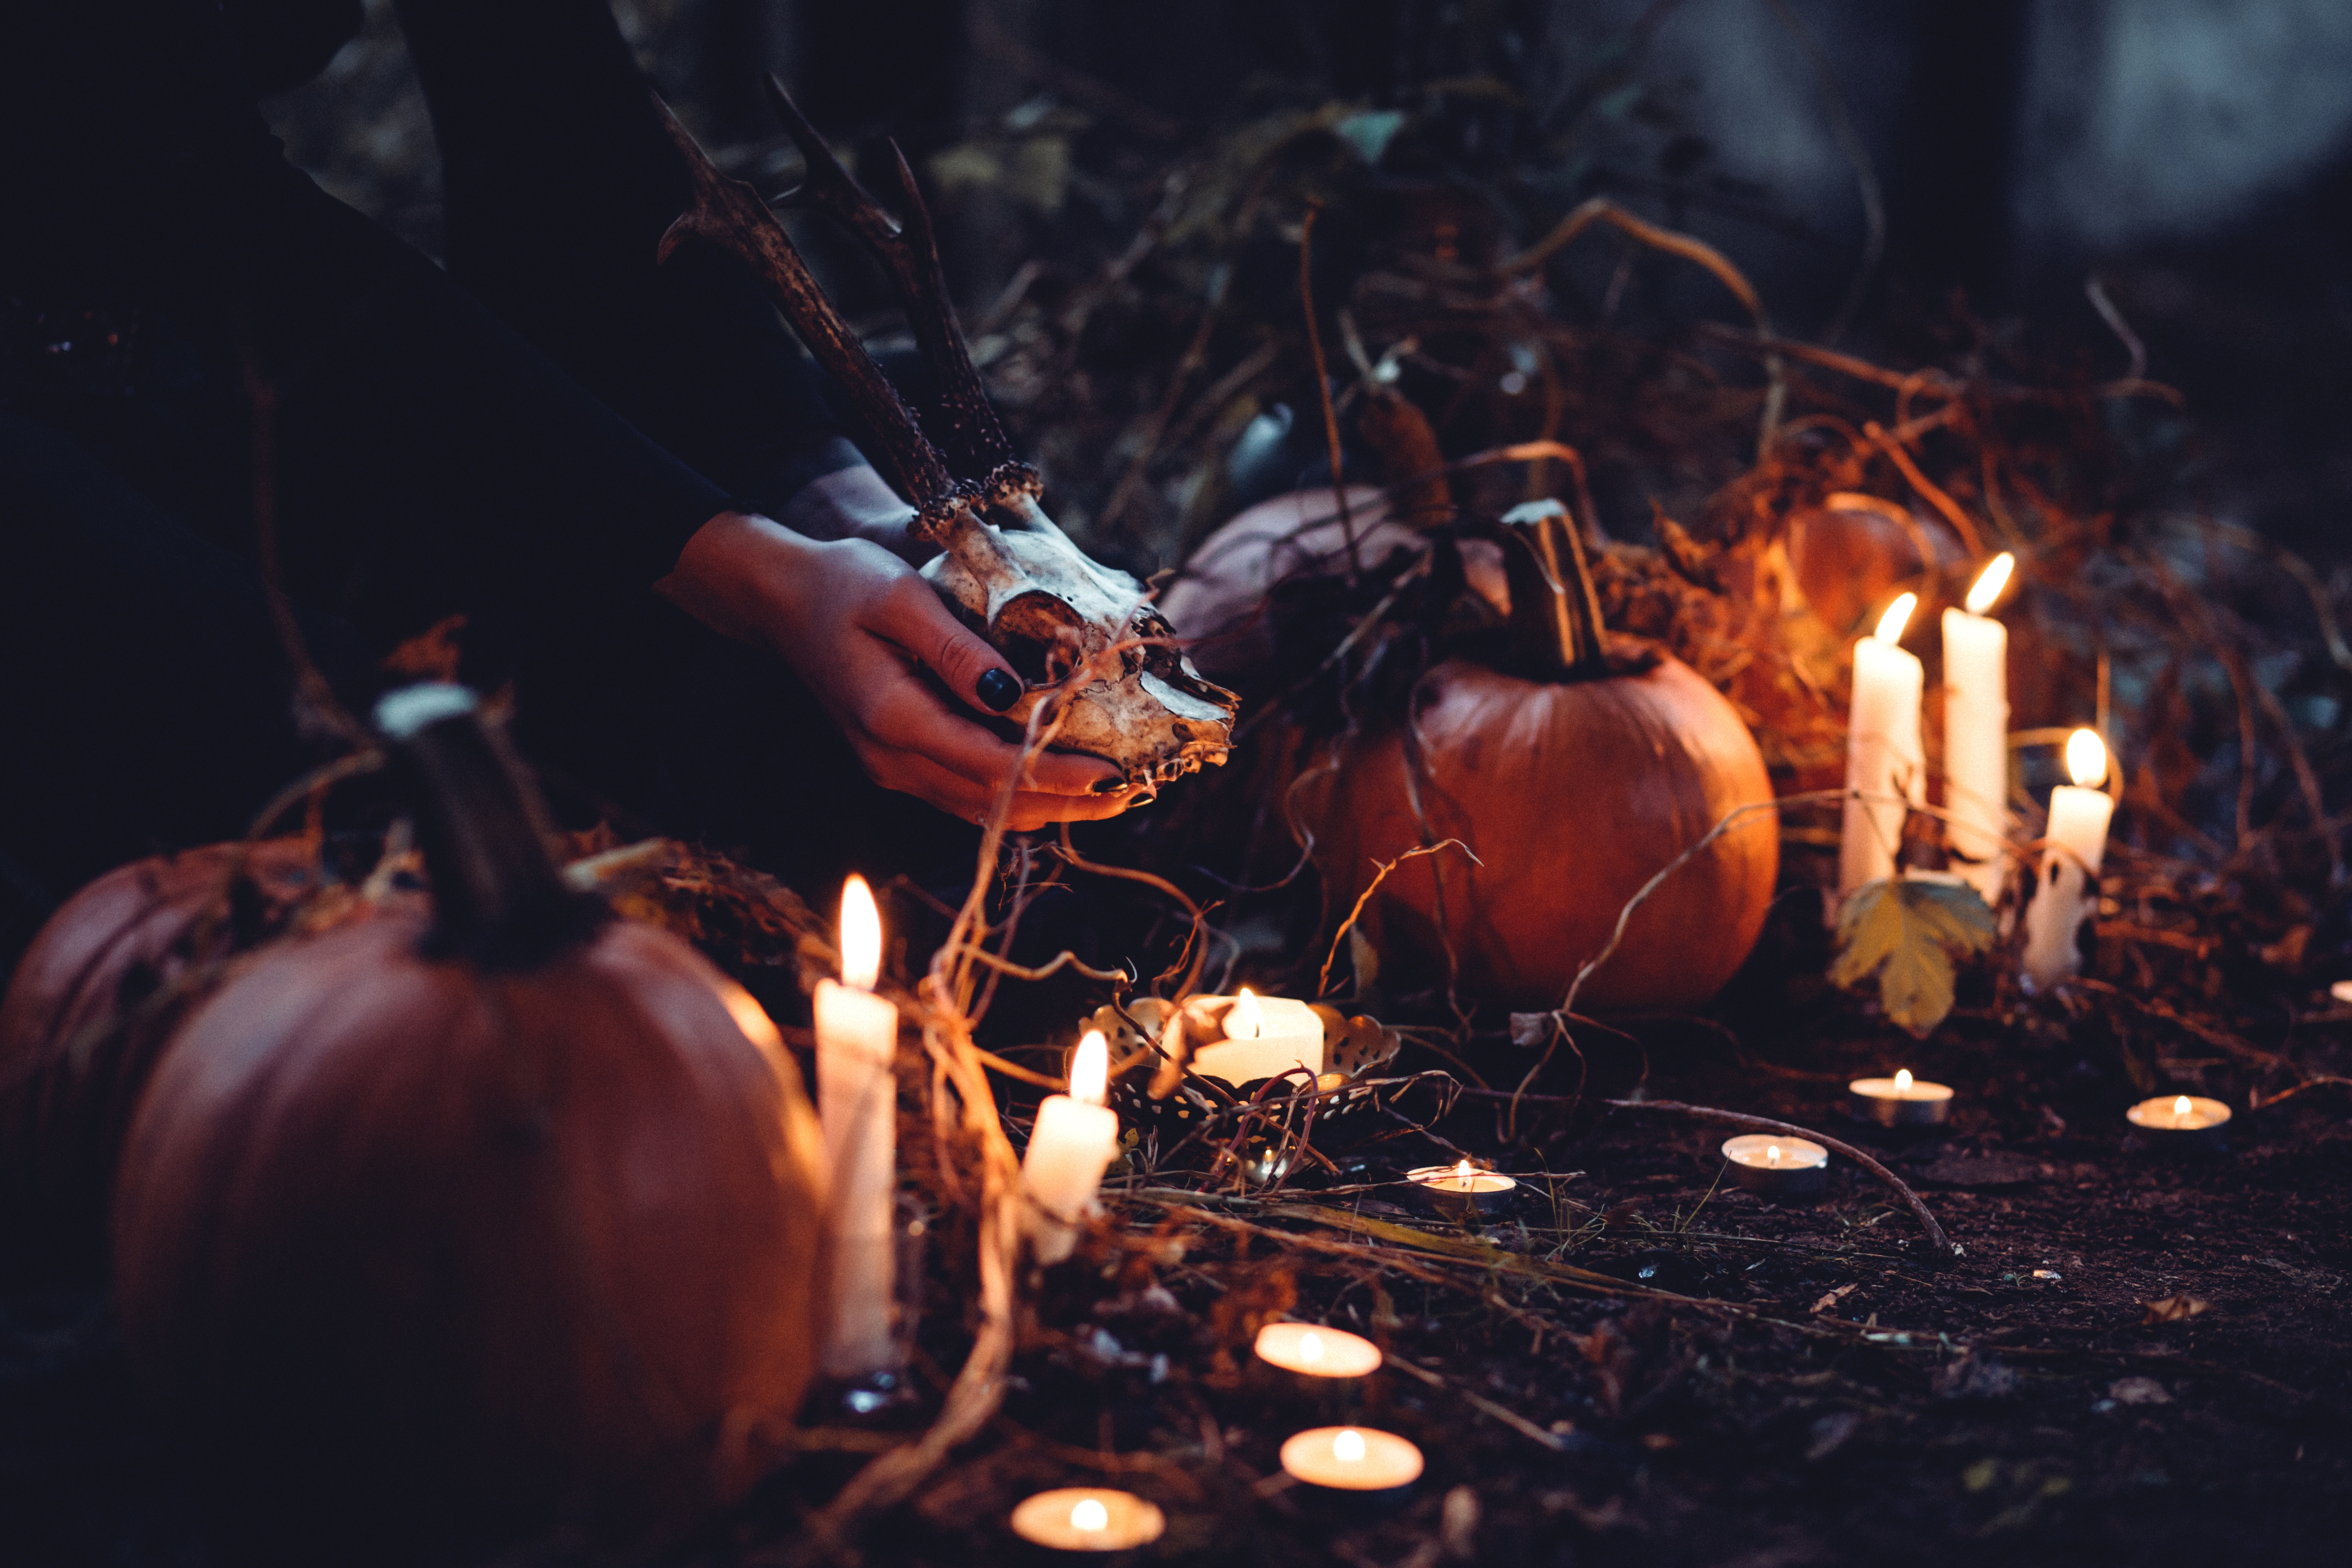 De spannendste films voor Halloween avond